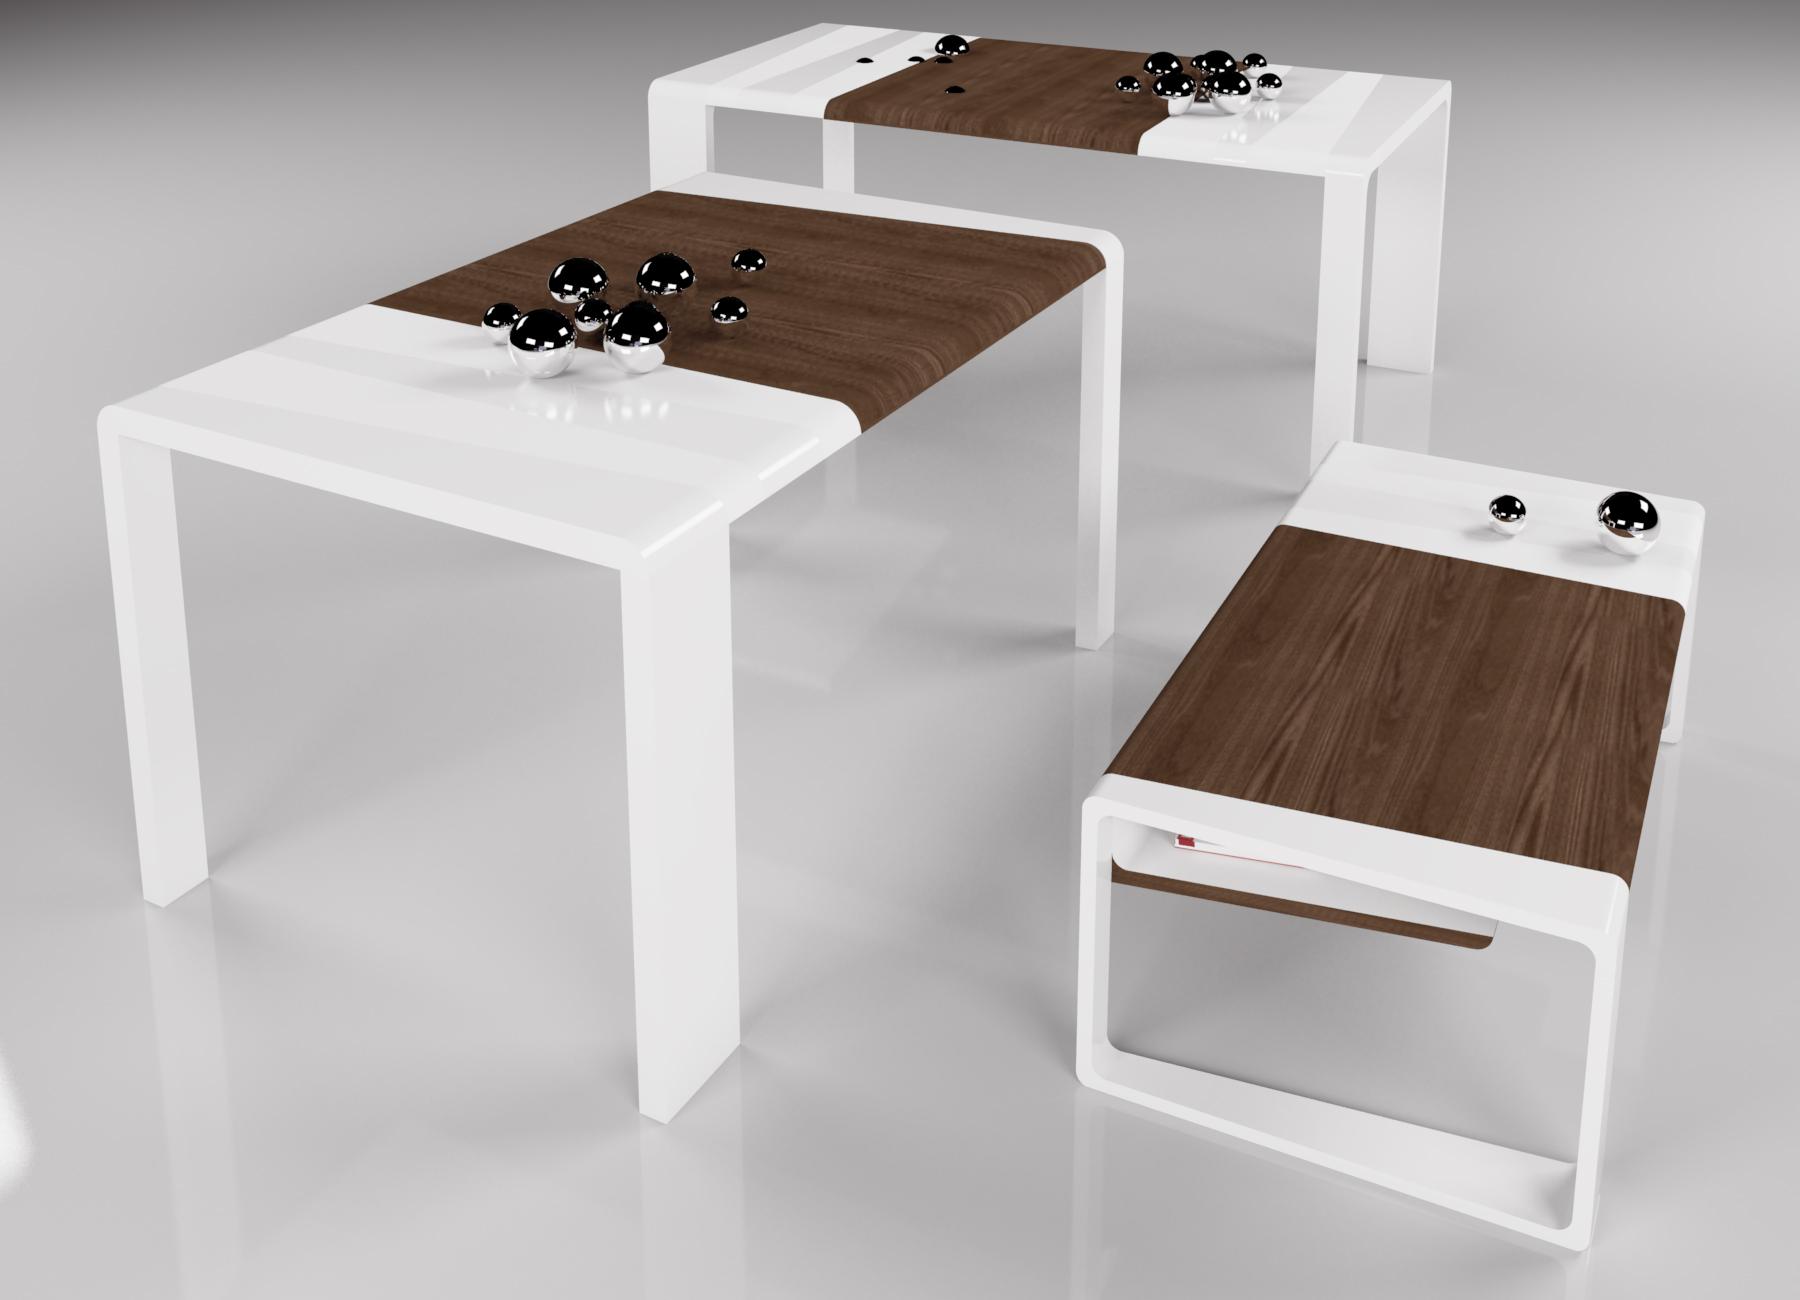 Muebles de diseo en valencia good muebles de diseo e - Fabricantes de muebles valencia ...